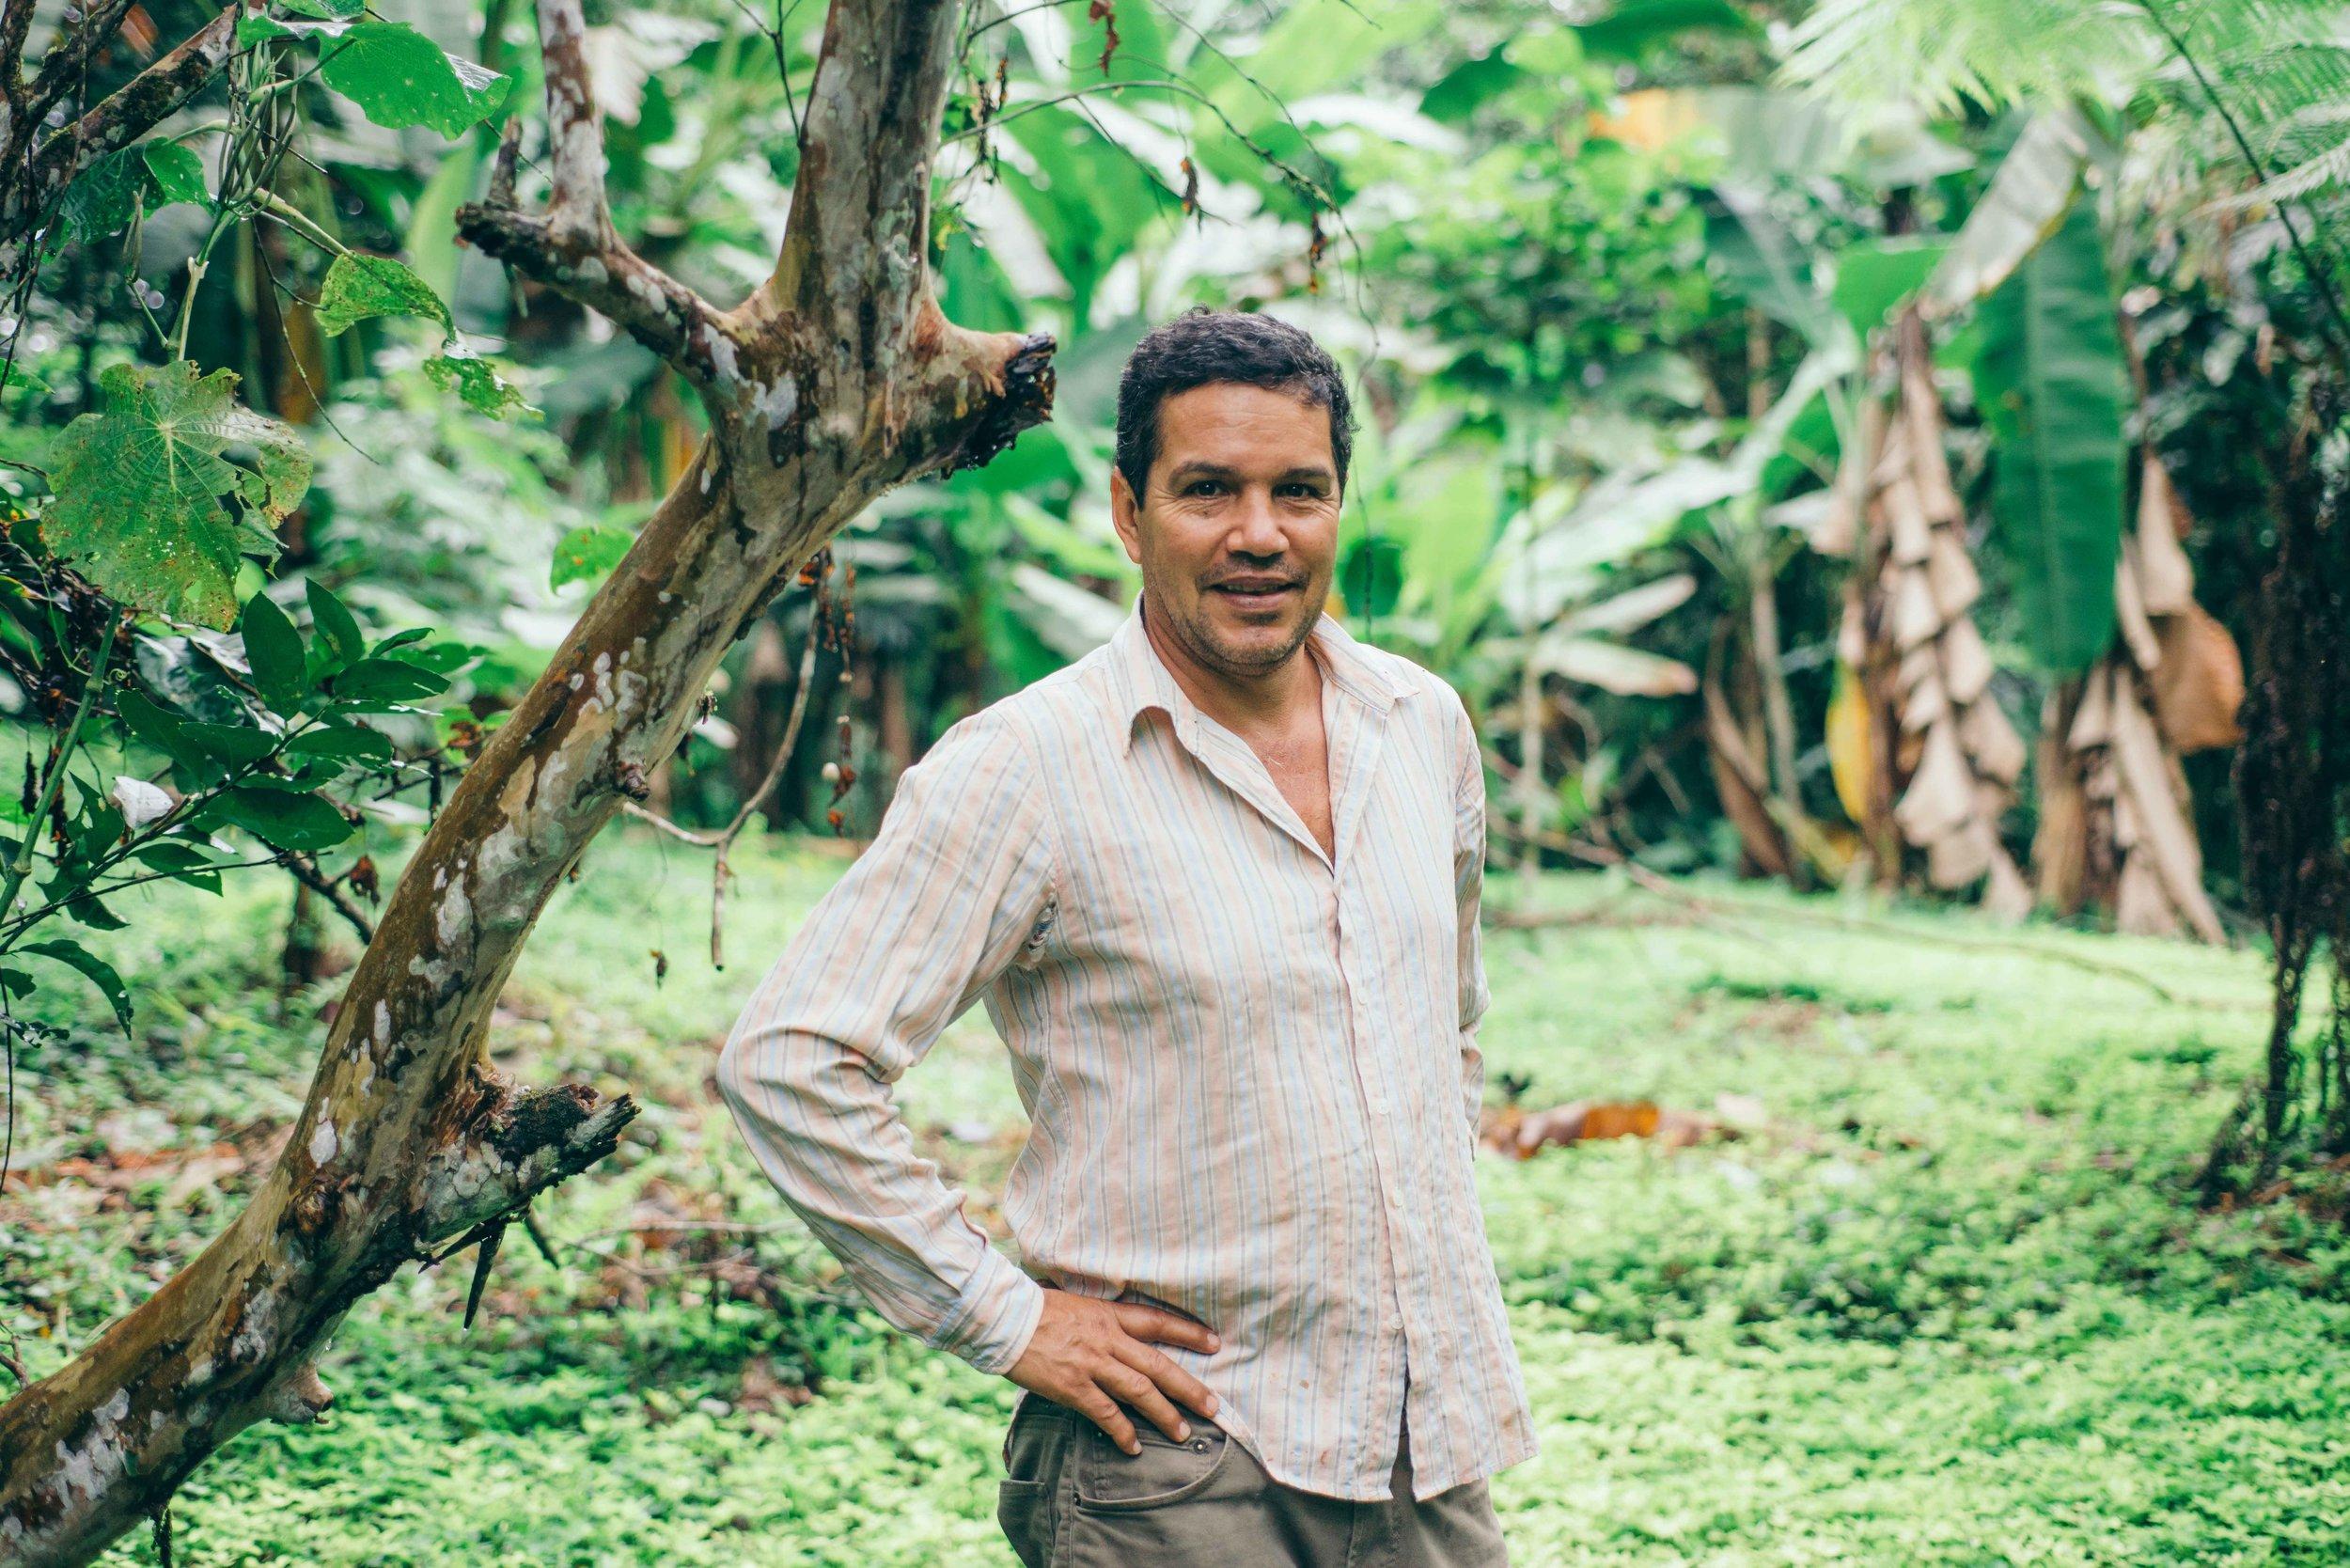 Aquiles Muñoz in the nature reservar reforested with his passion and deep care for Nature.///Aquiles Muñoz im Naturreservat, das mithilfe seiner Leidenschaft und Fürsorge für die Natur aufgeforstet wird.